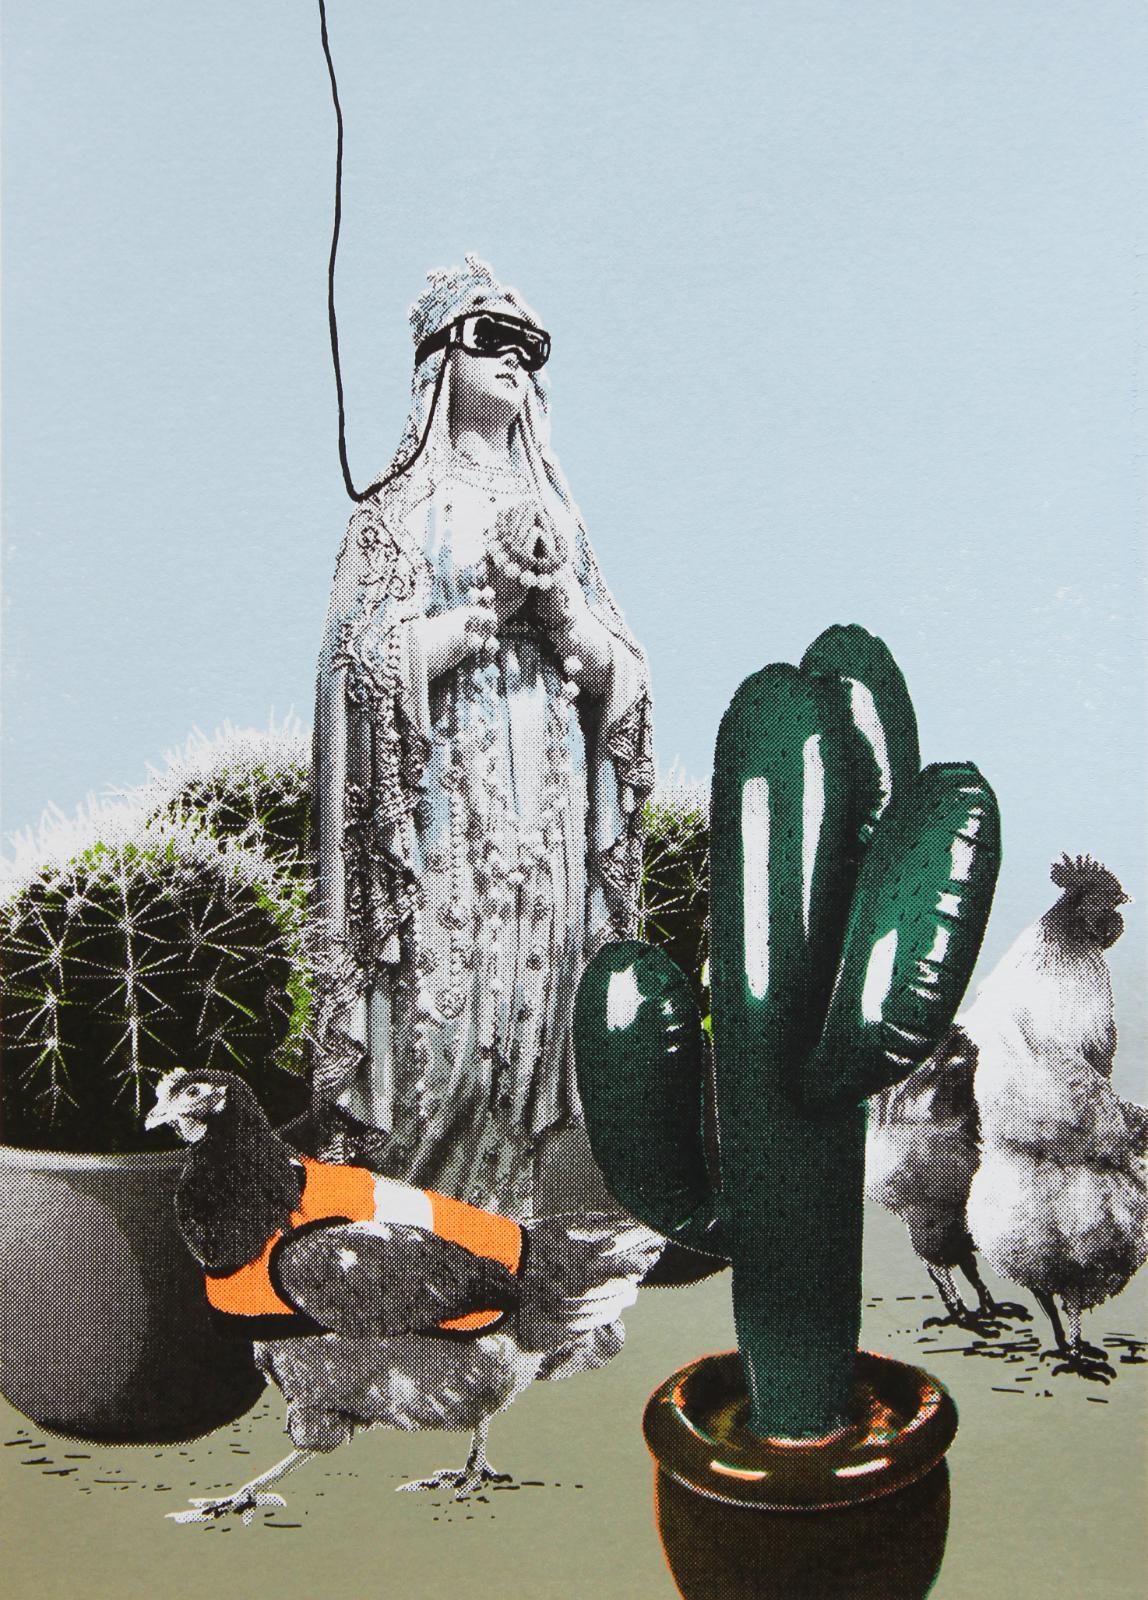 Karin Brosa, Virtual reality, 2018, Serigraphie, 42 cm x 30 cm, Auflage 13,  Nur noch wenige Exemplare!